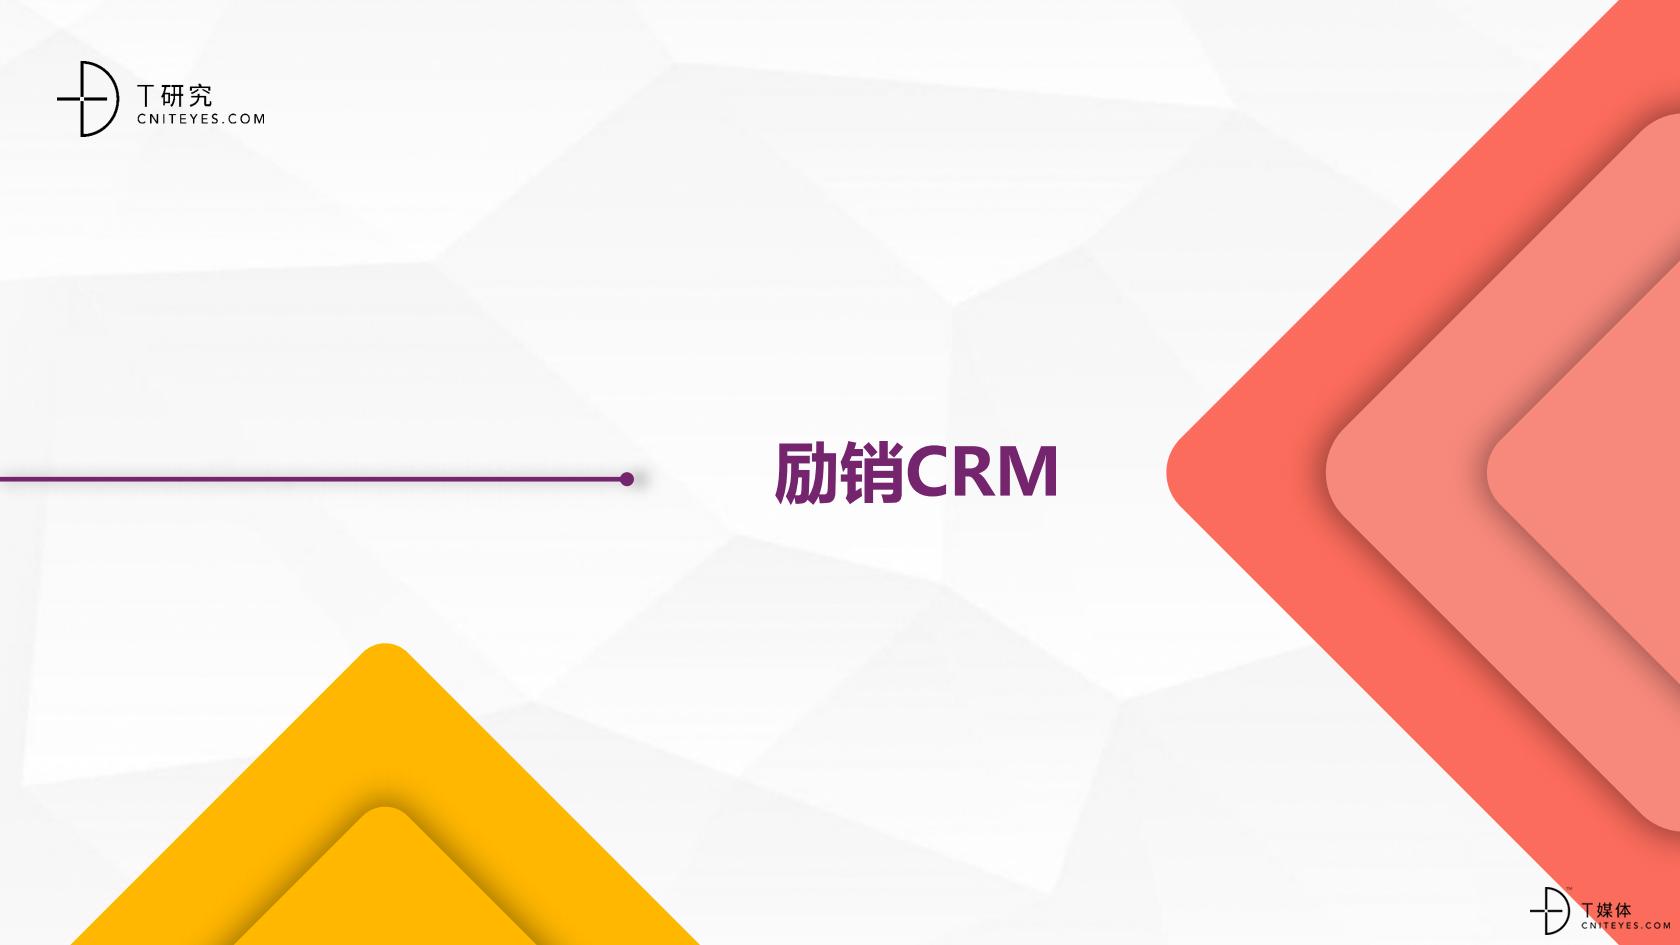 2_2020中国CRM指数测评报告v1.5_31.png